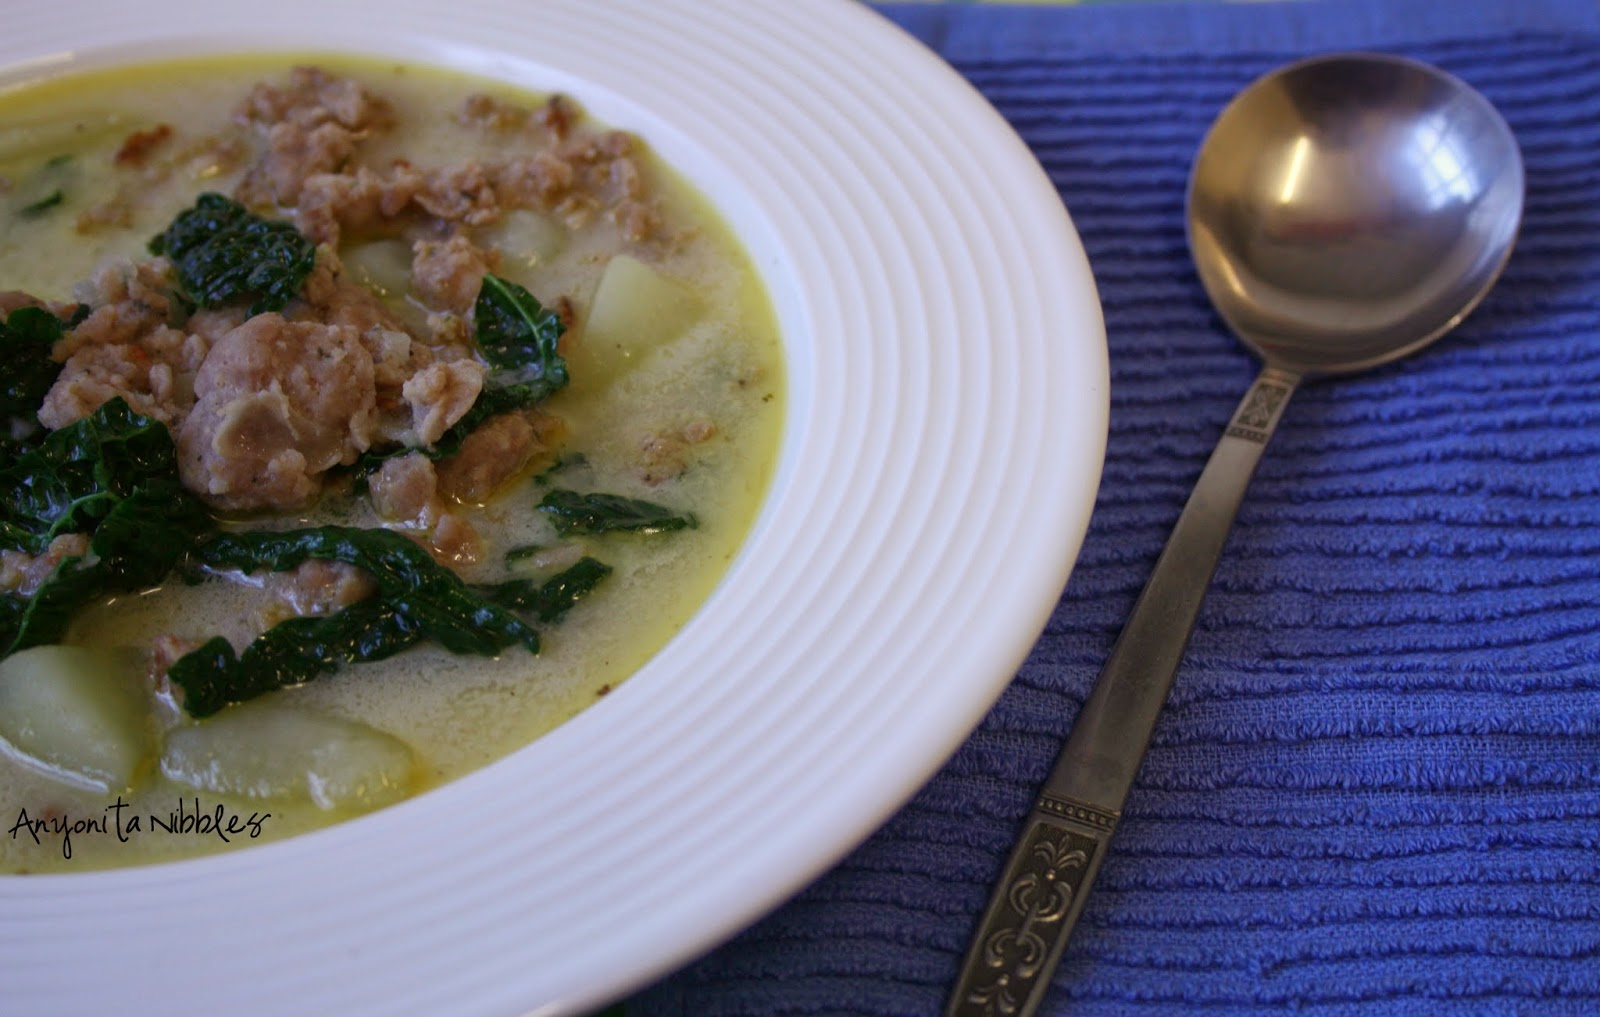 Sausage and kale and potato Tuscan soup